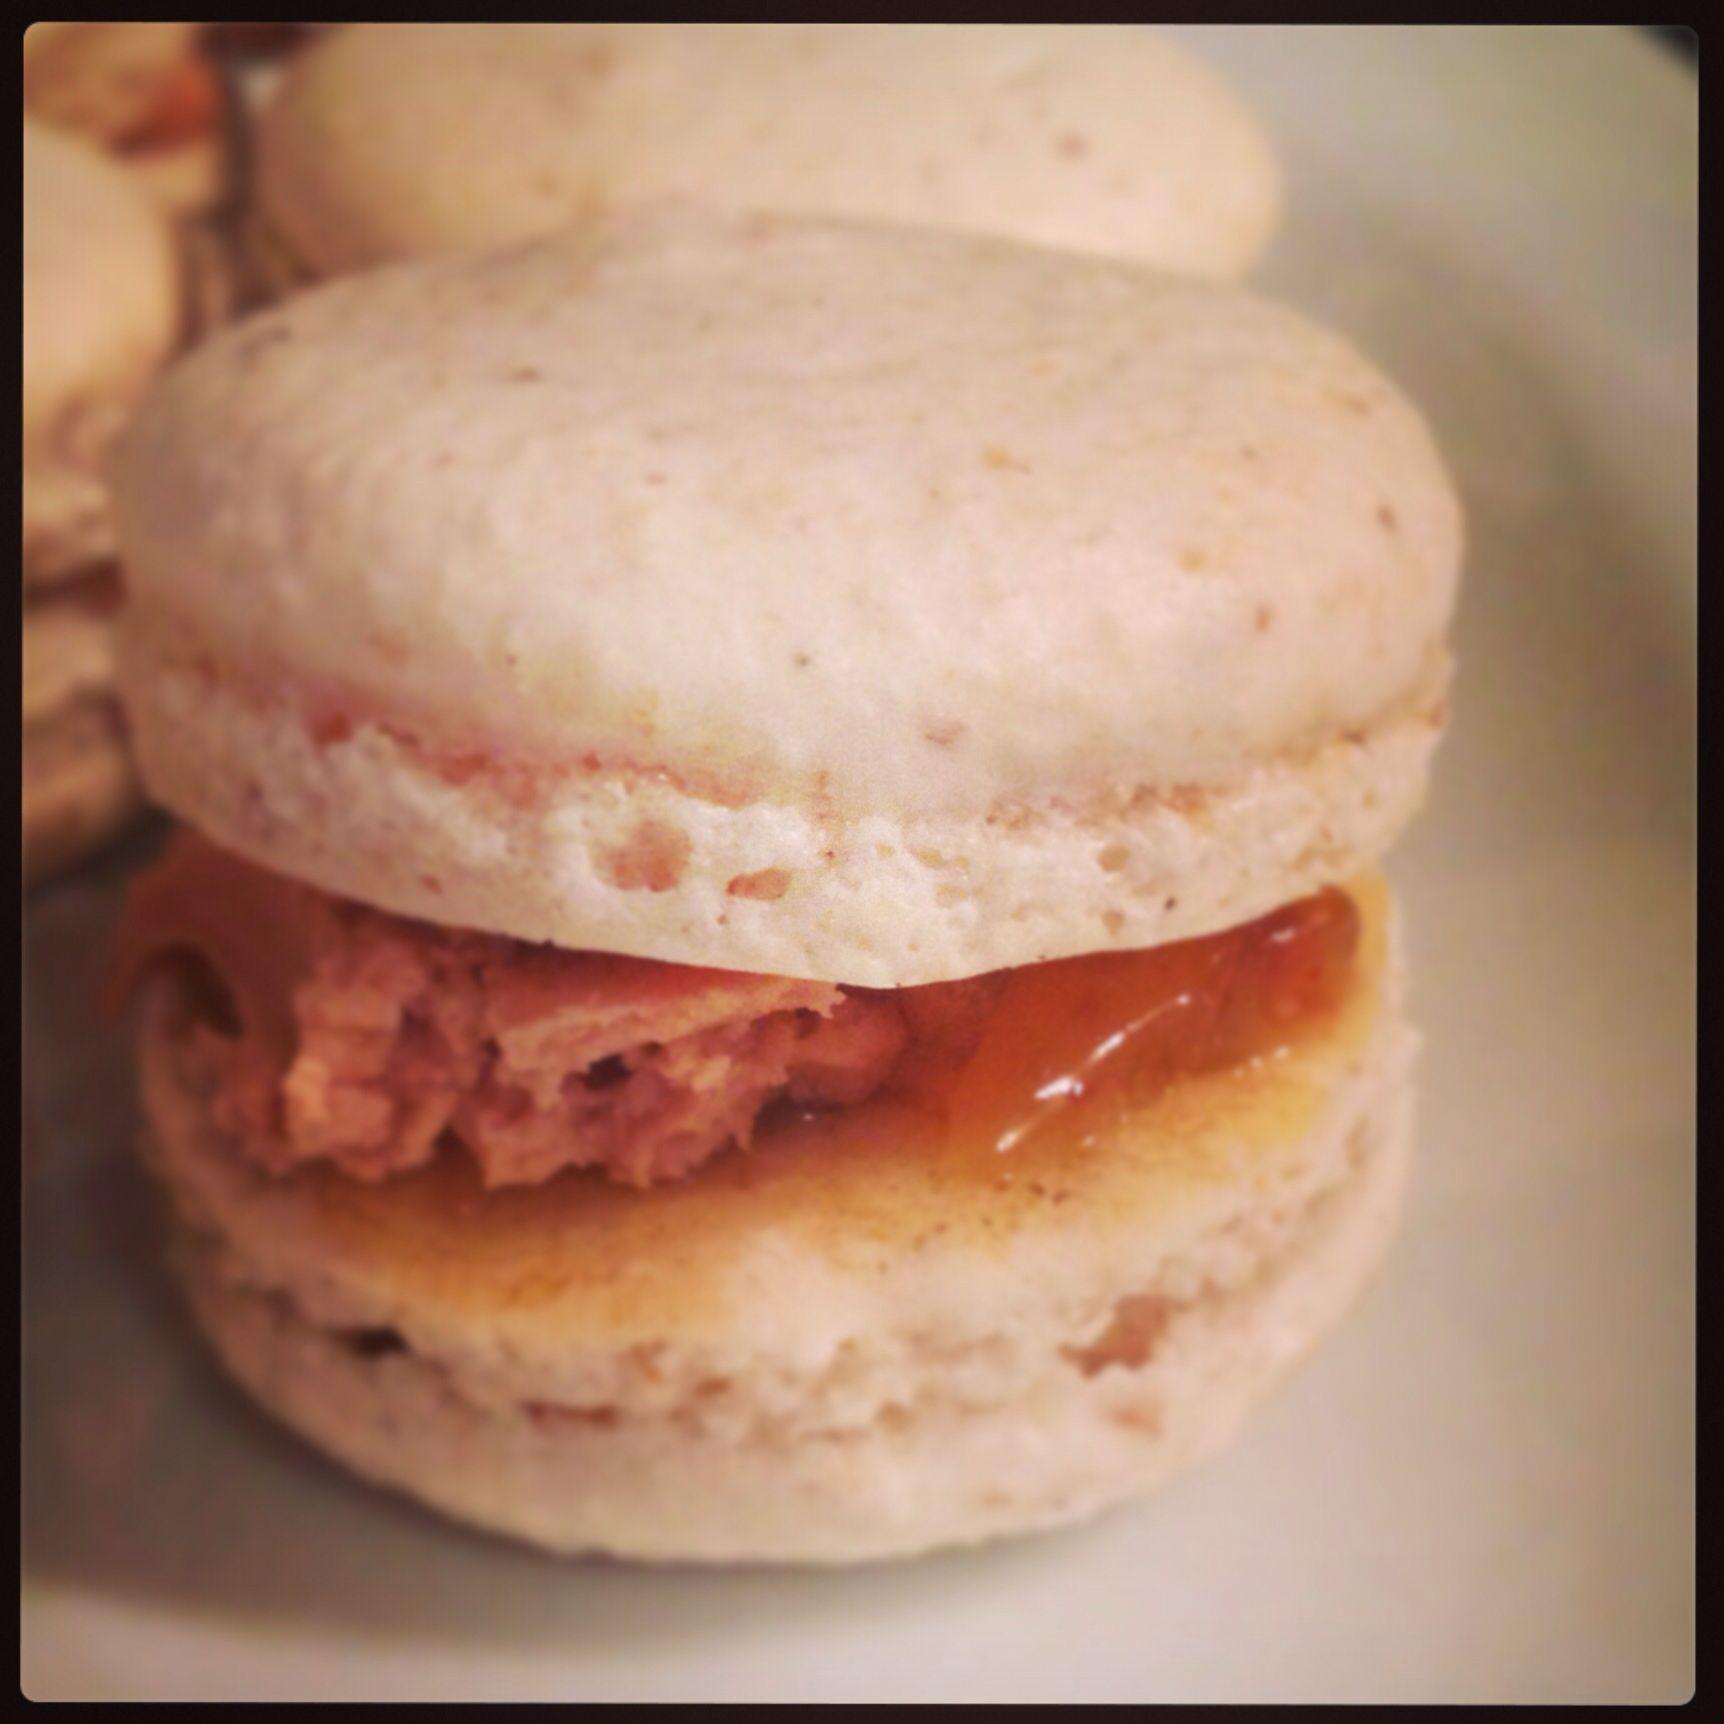 Macaron foie gras confit d'oignons